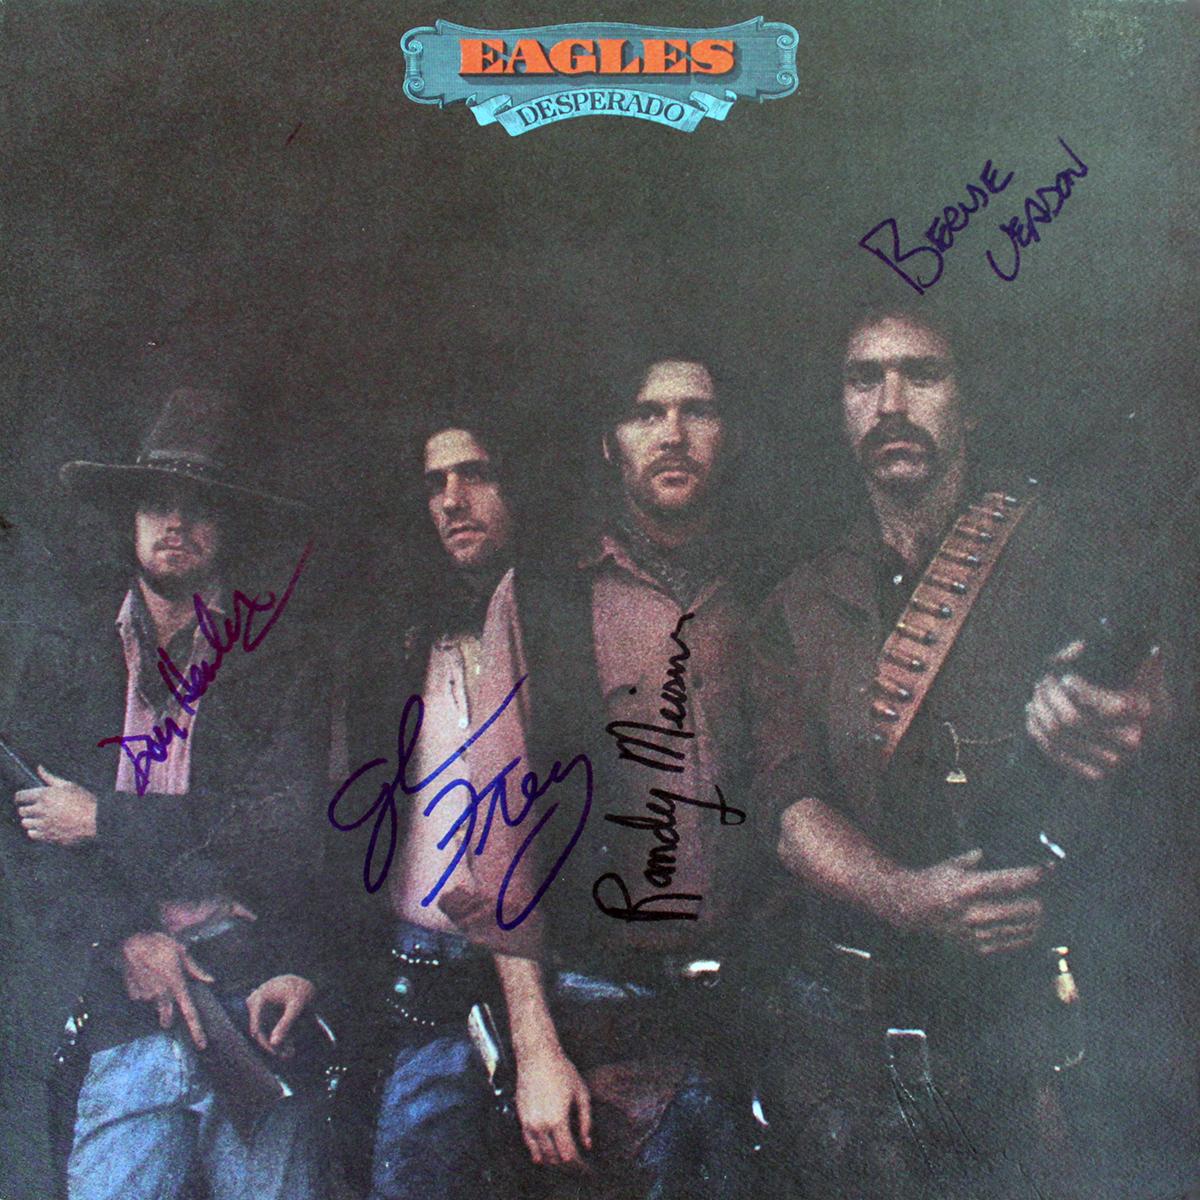 Eagles LP - Desperado #1